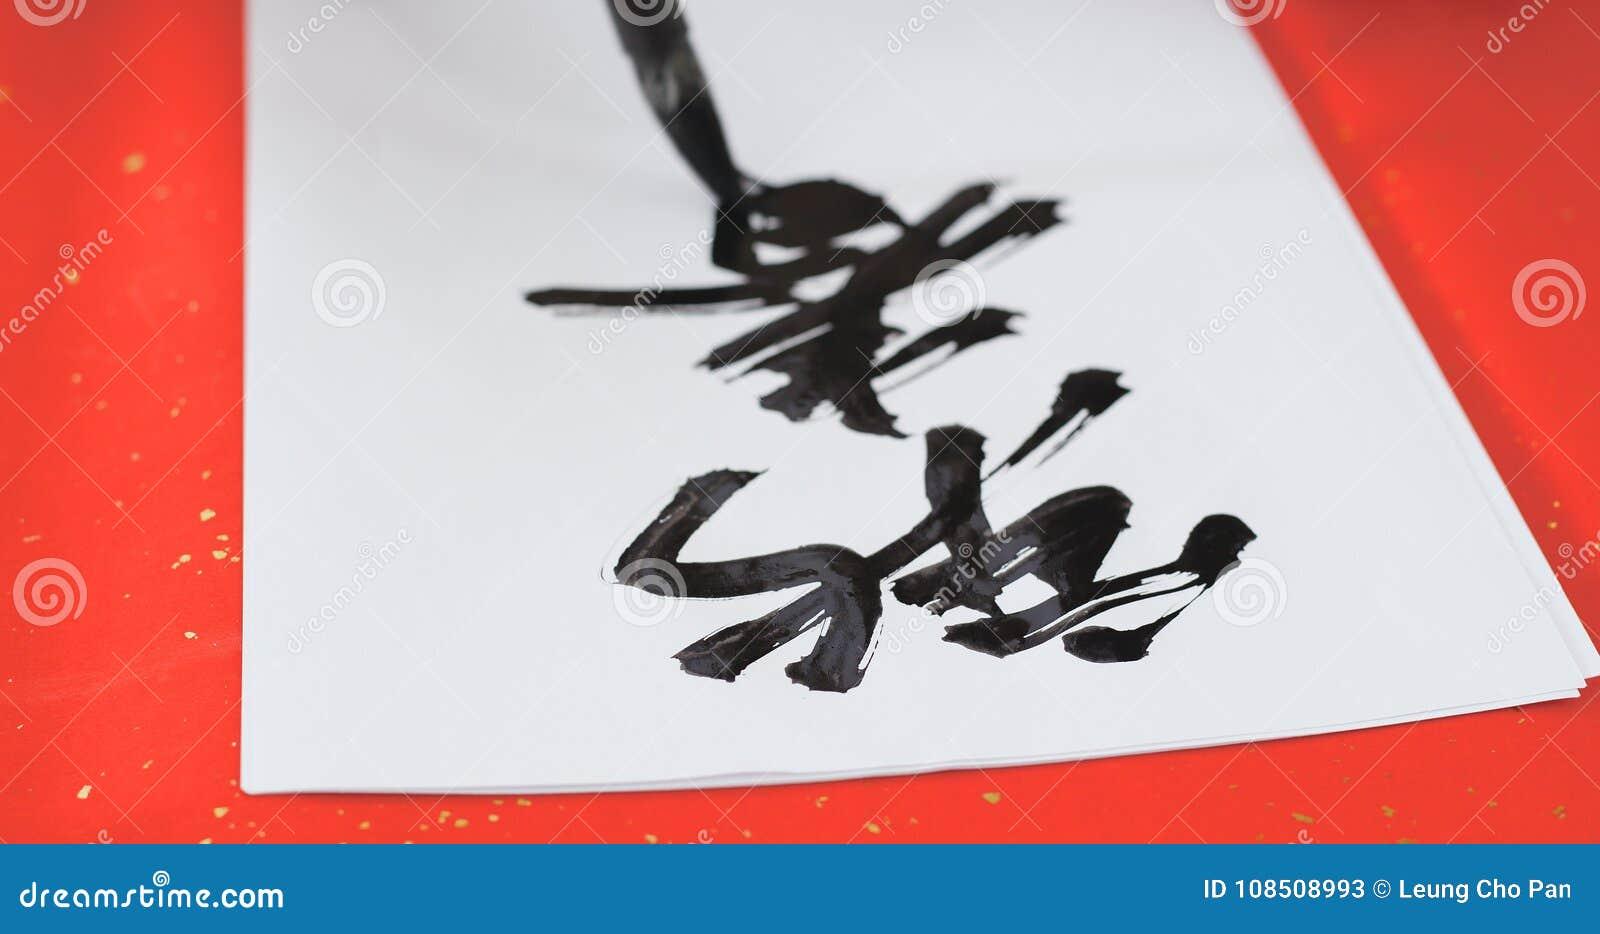 Γράψιμο της κινεζικής καλλιγραφίας για το σεληνιακό νέο έτος, φράση που σημαίνει το φ